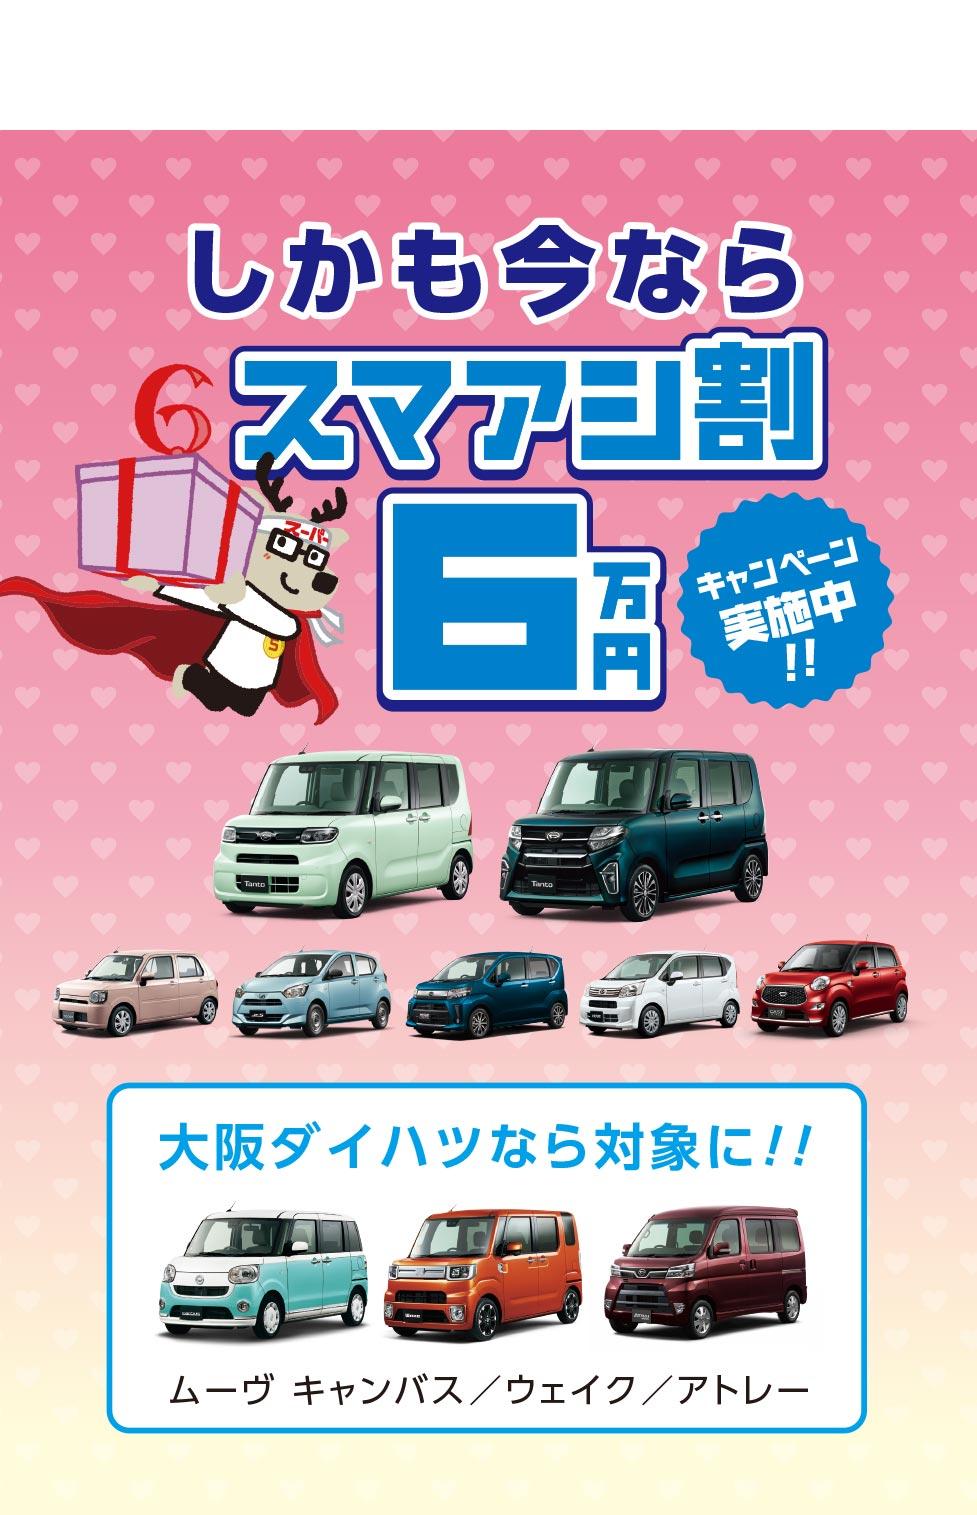 大阪ダイハツならキャンバスもスマアシ割6万円対象!!